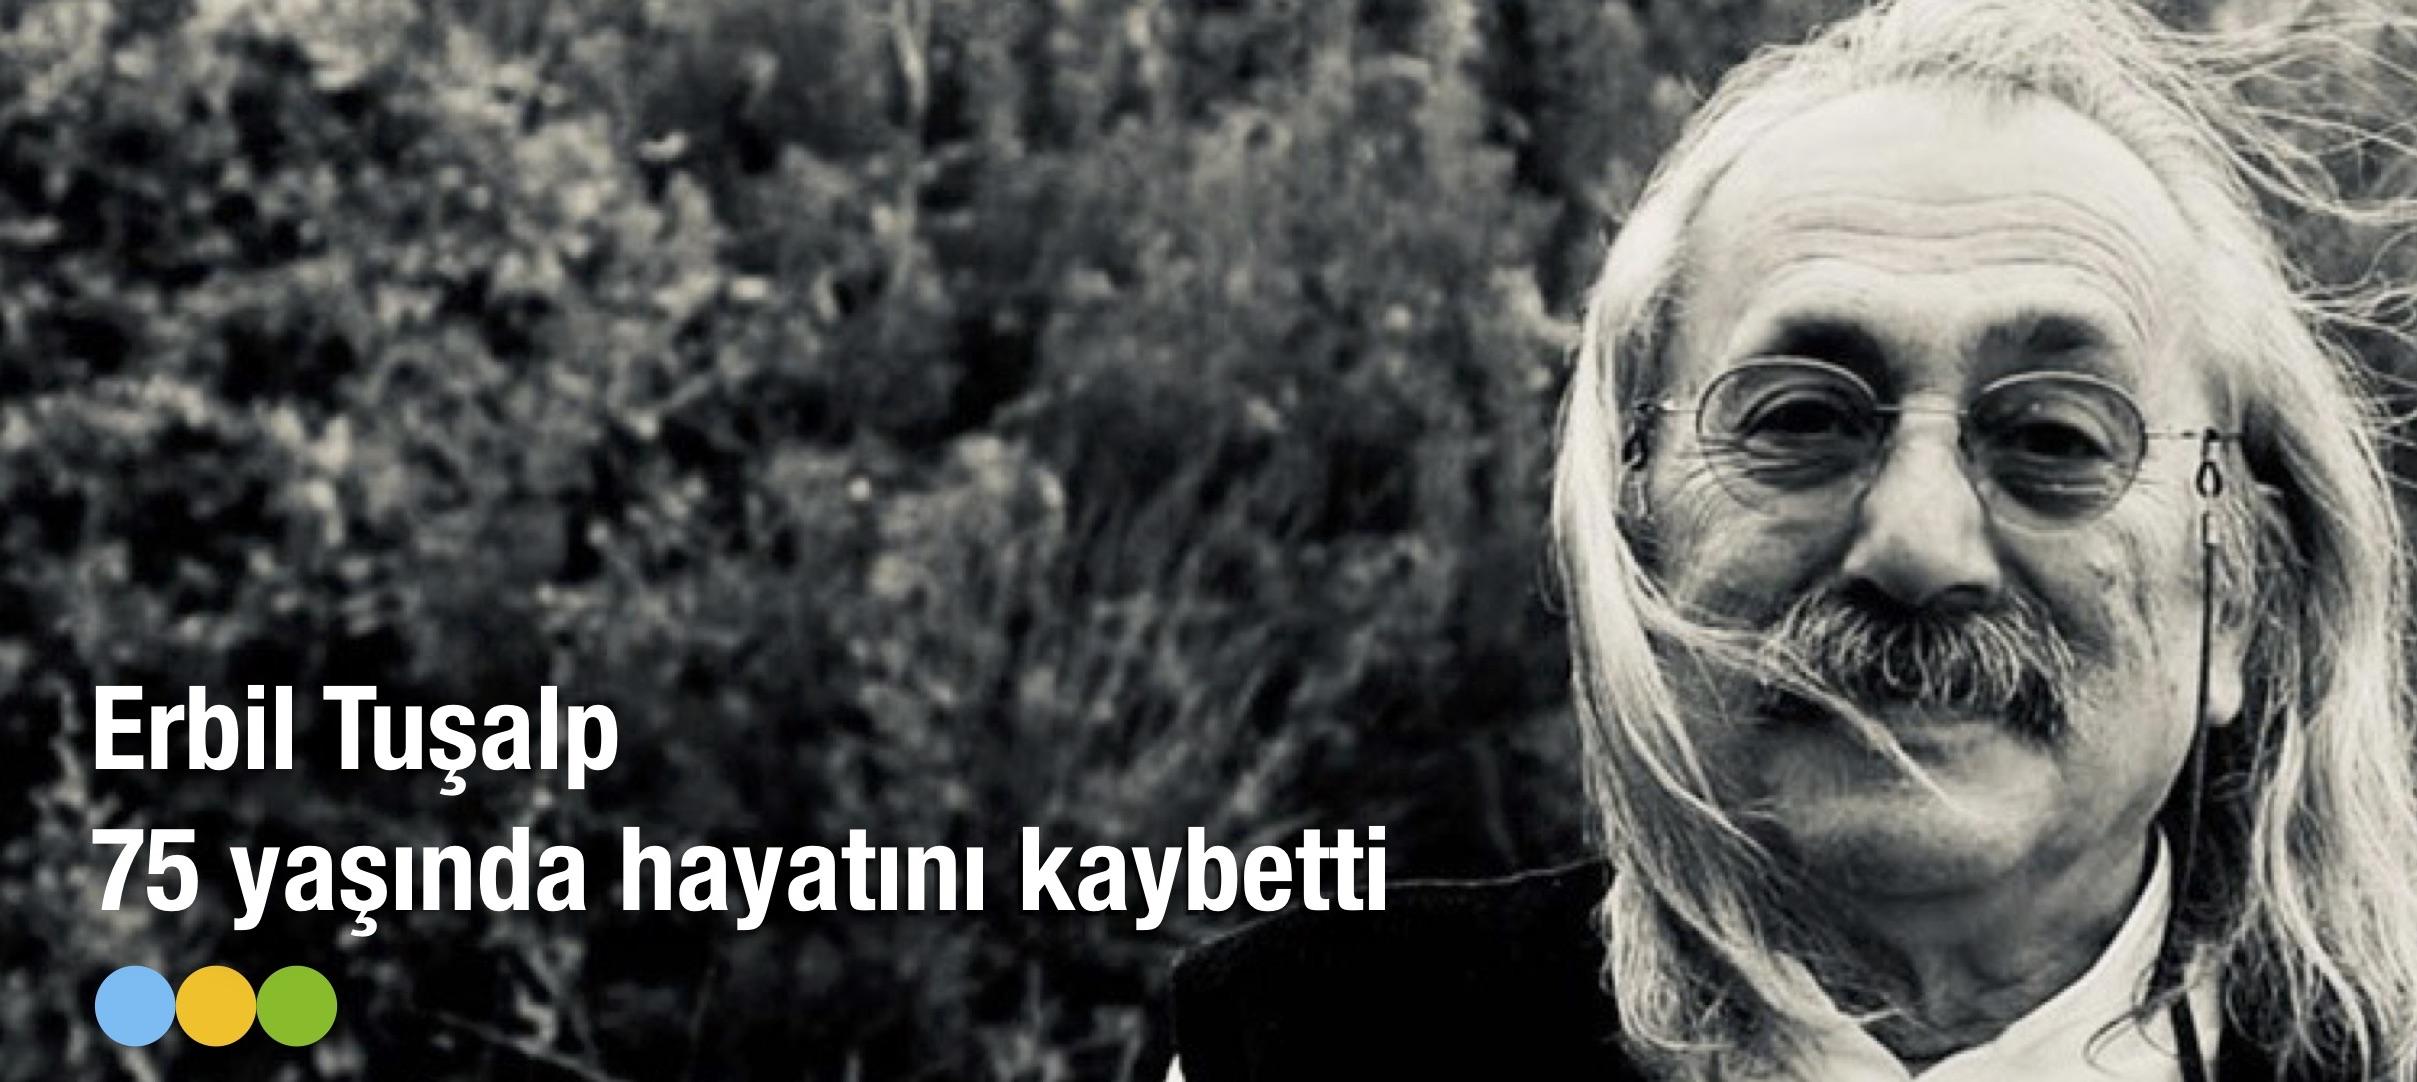 ERBİL TUŞALP'İN ARDINDAN…